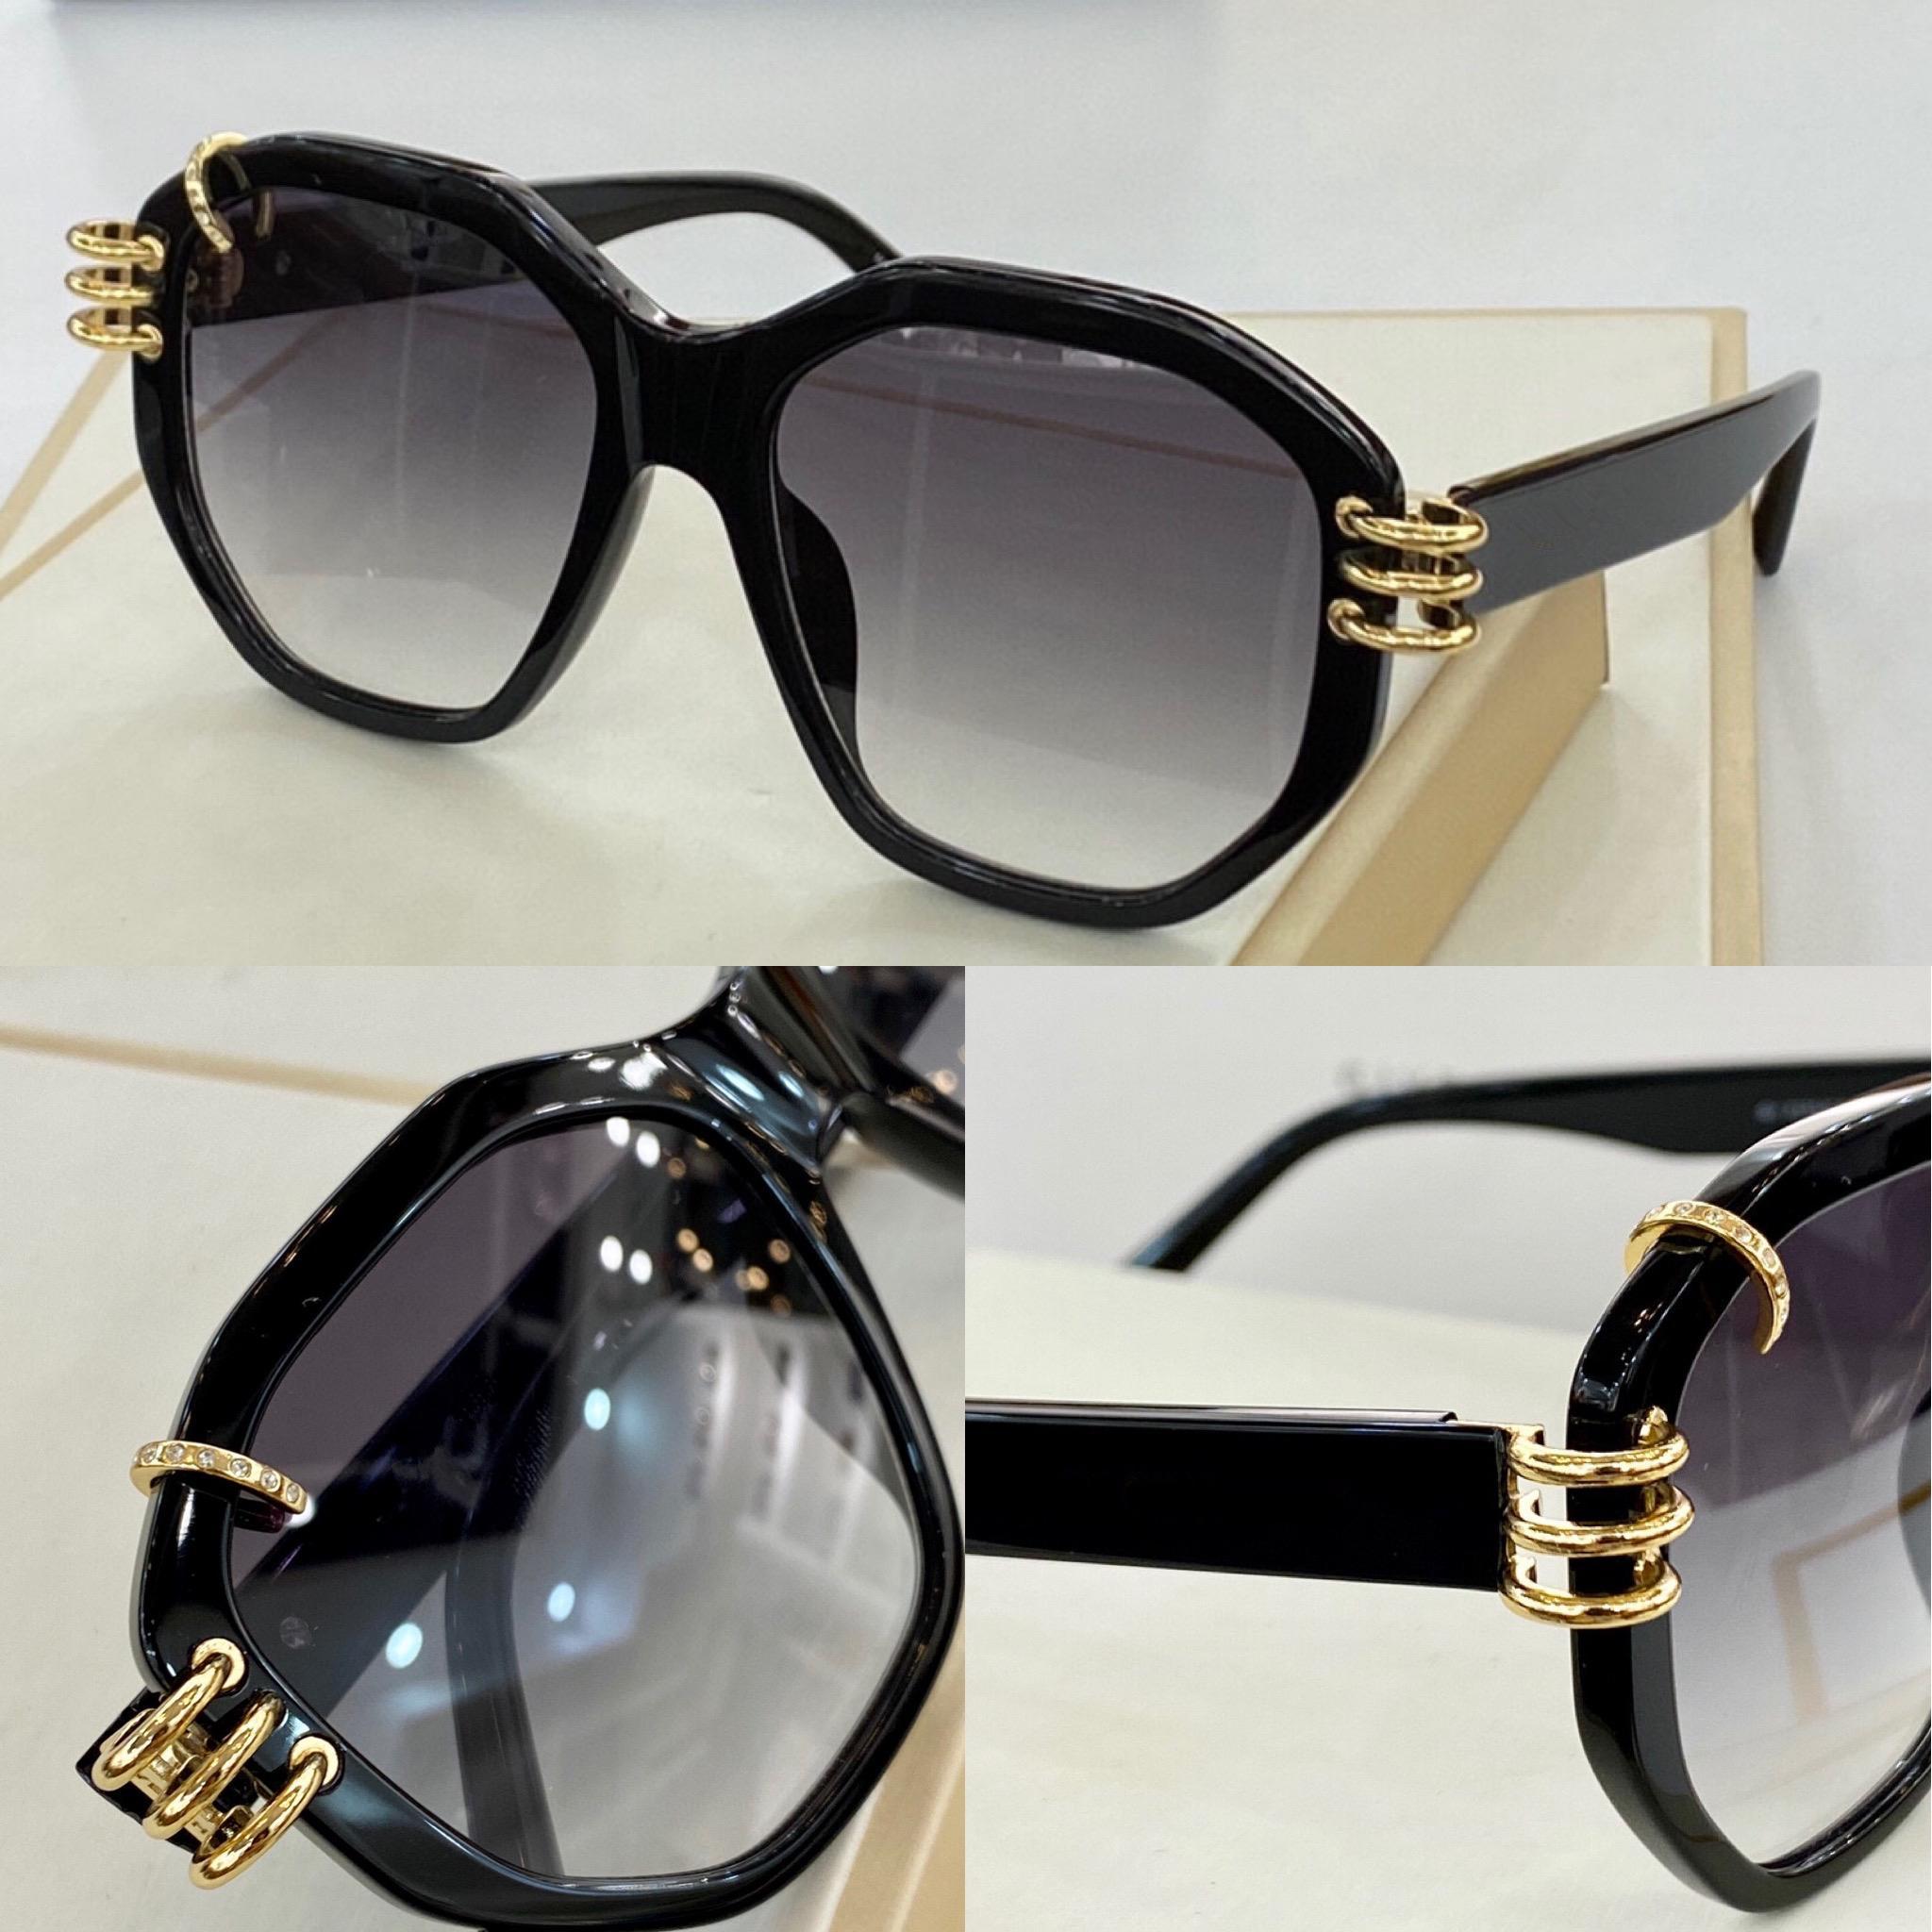 7175 Yeni Moda Güneş Gözlüğü Ile UV Koruma Için Erkekler Ve Kadınlar Vintage Oval Çerçeve Popüler En Kaliteli Case Klasik Güneş Gözlüğü Ile Gel